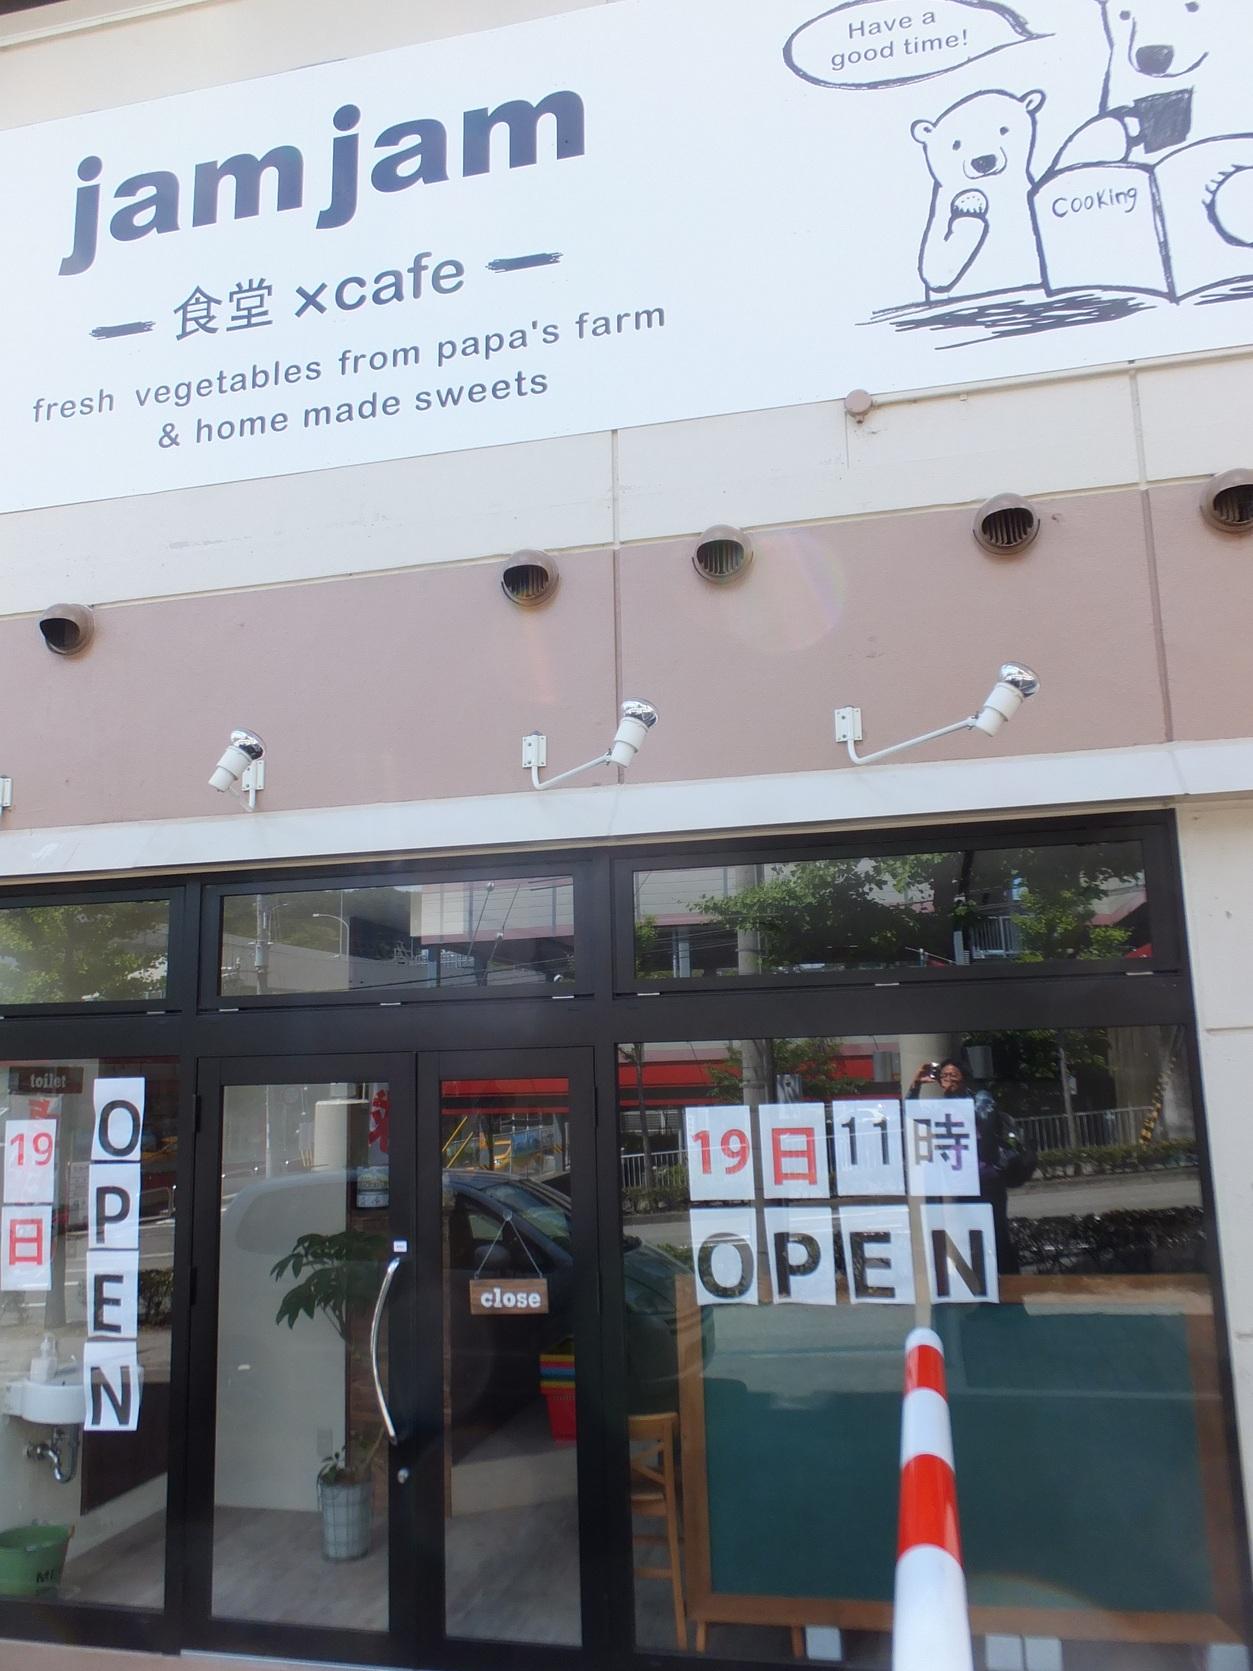 ジャムジャム 食堂×カフェ